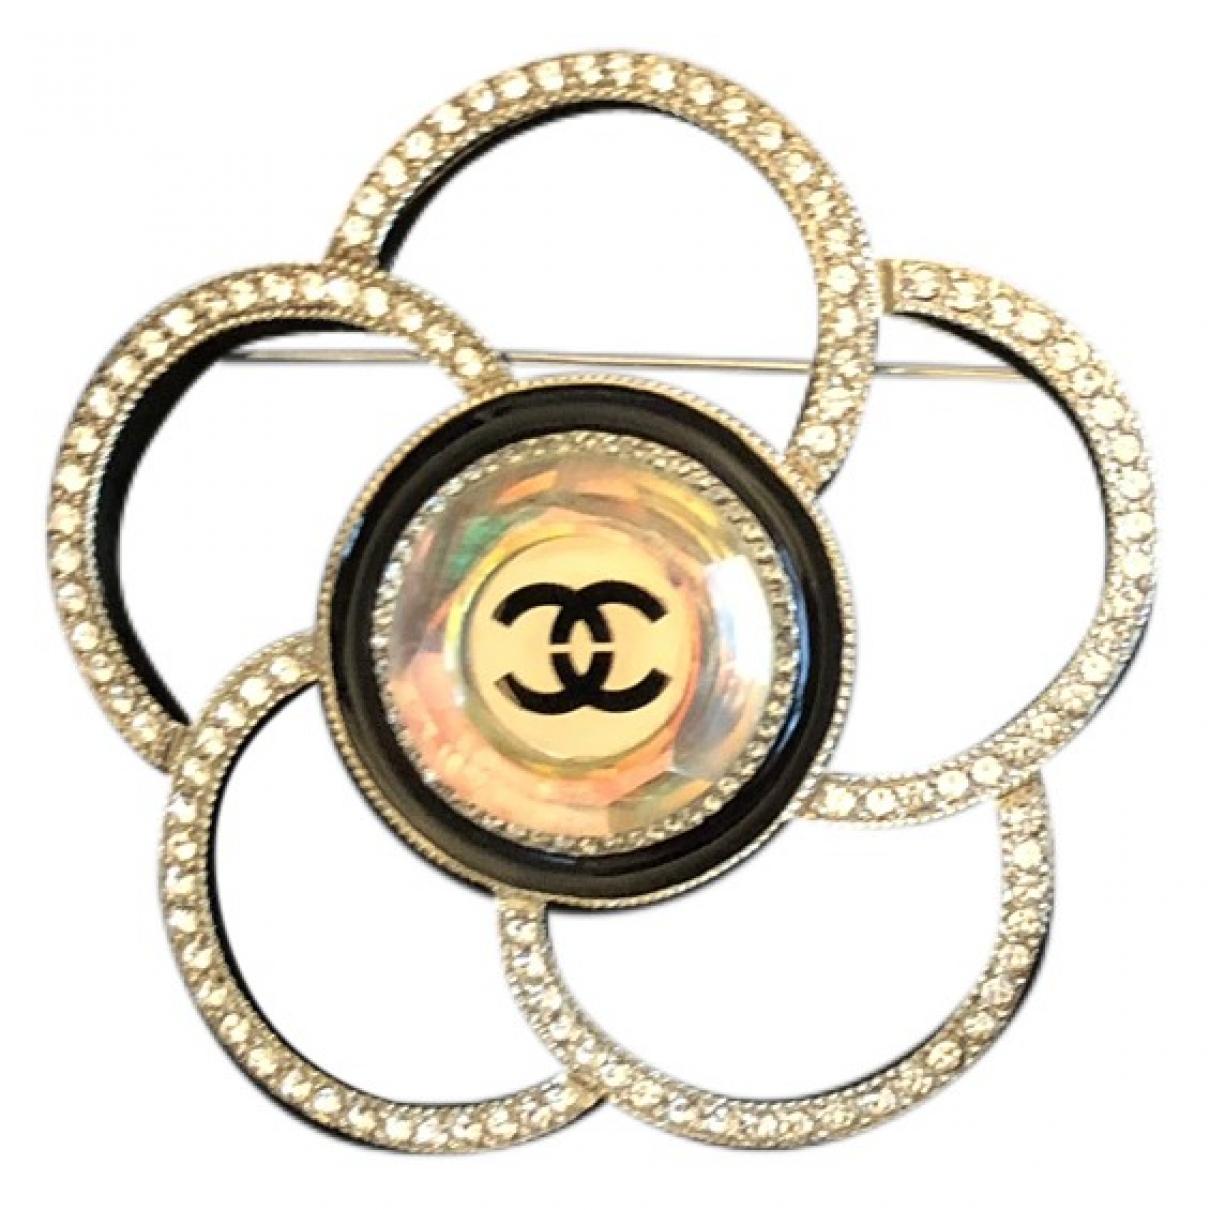 Broche Camelia en Metal Chanel